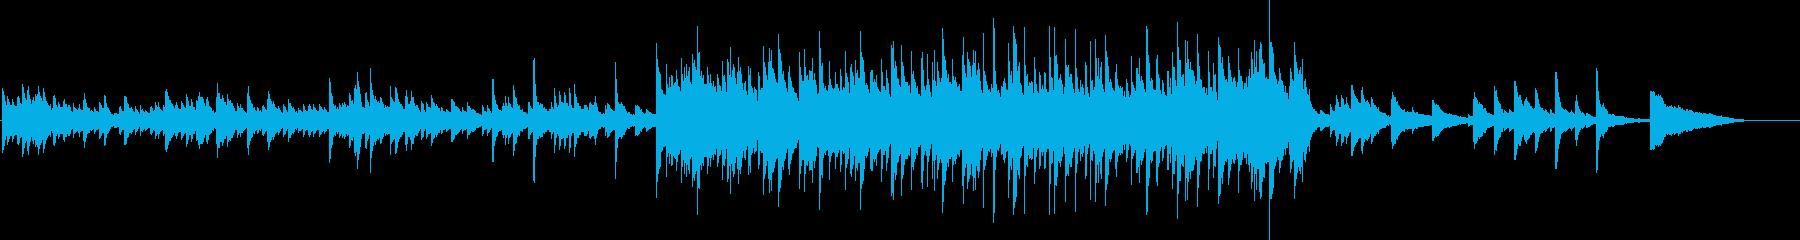 悲しい雰囲気のピアノバラードの再生済みの波形